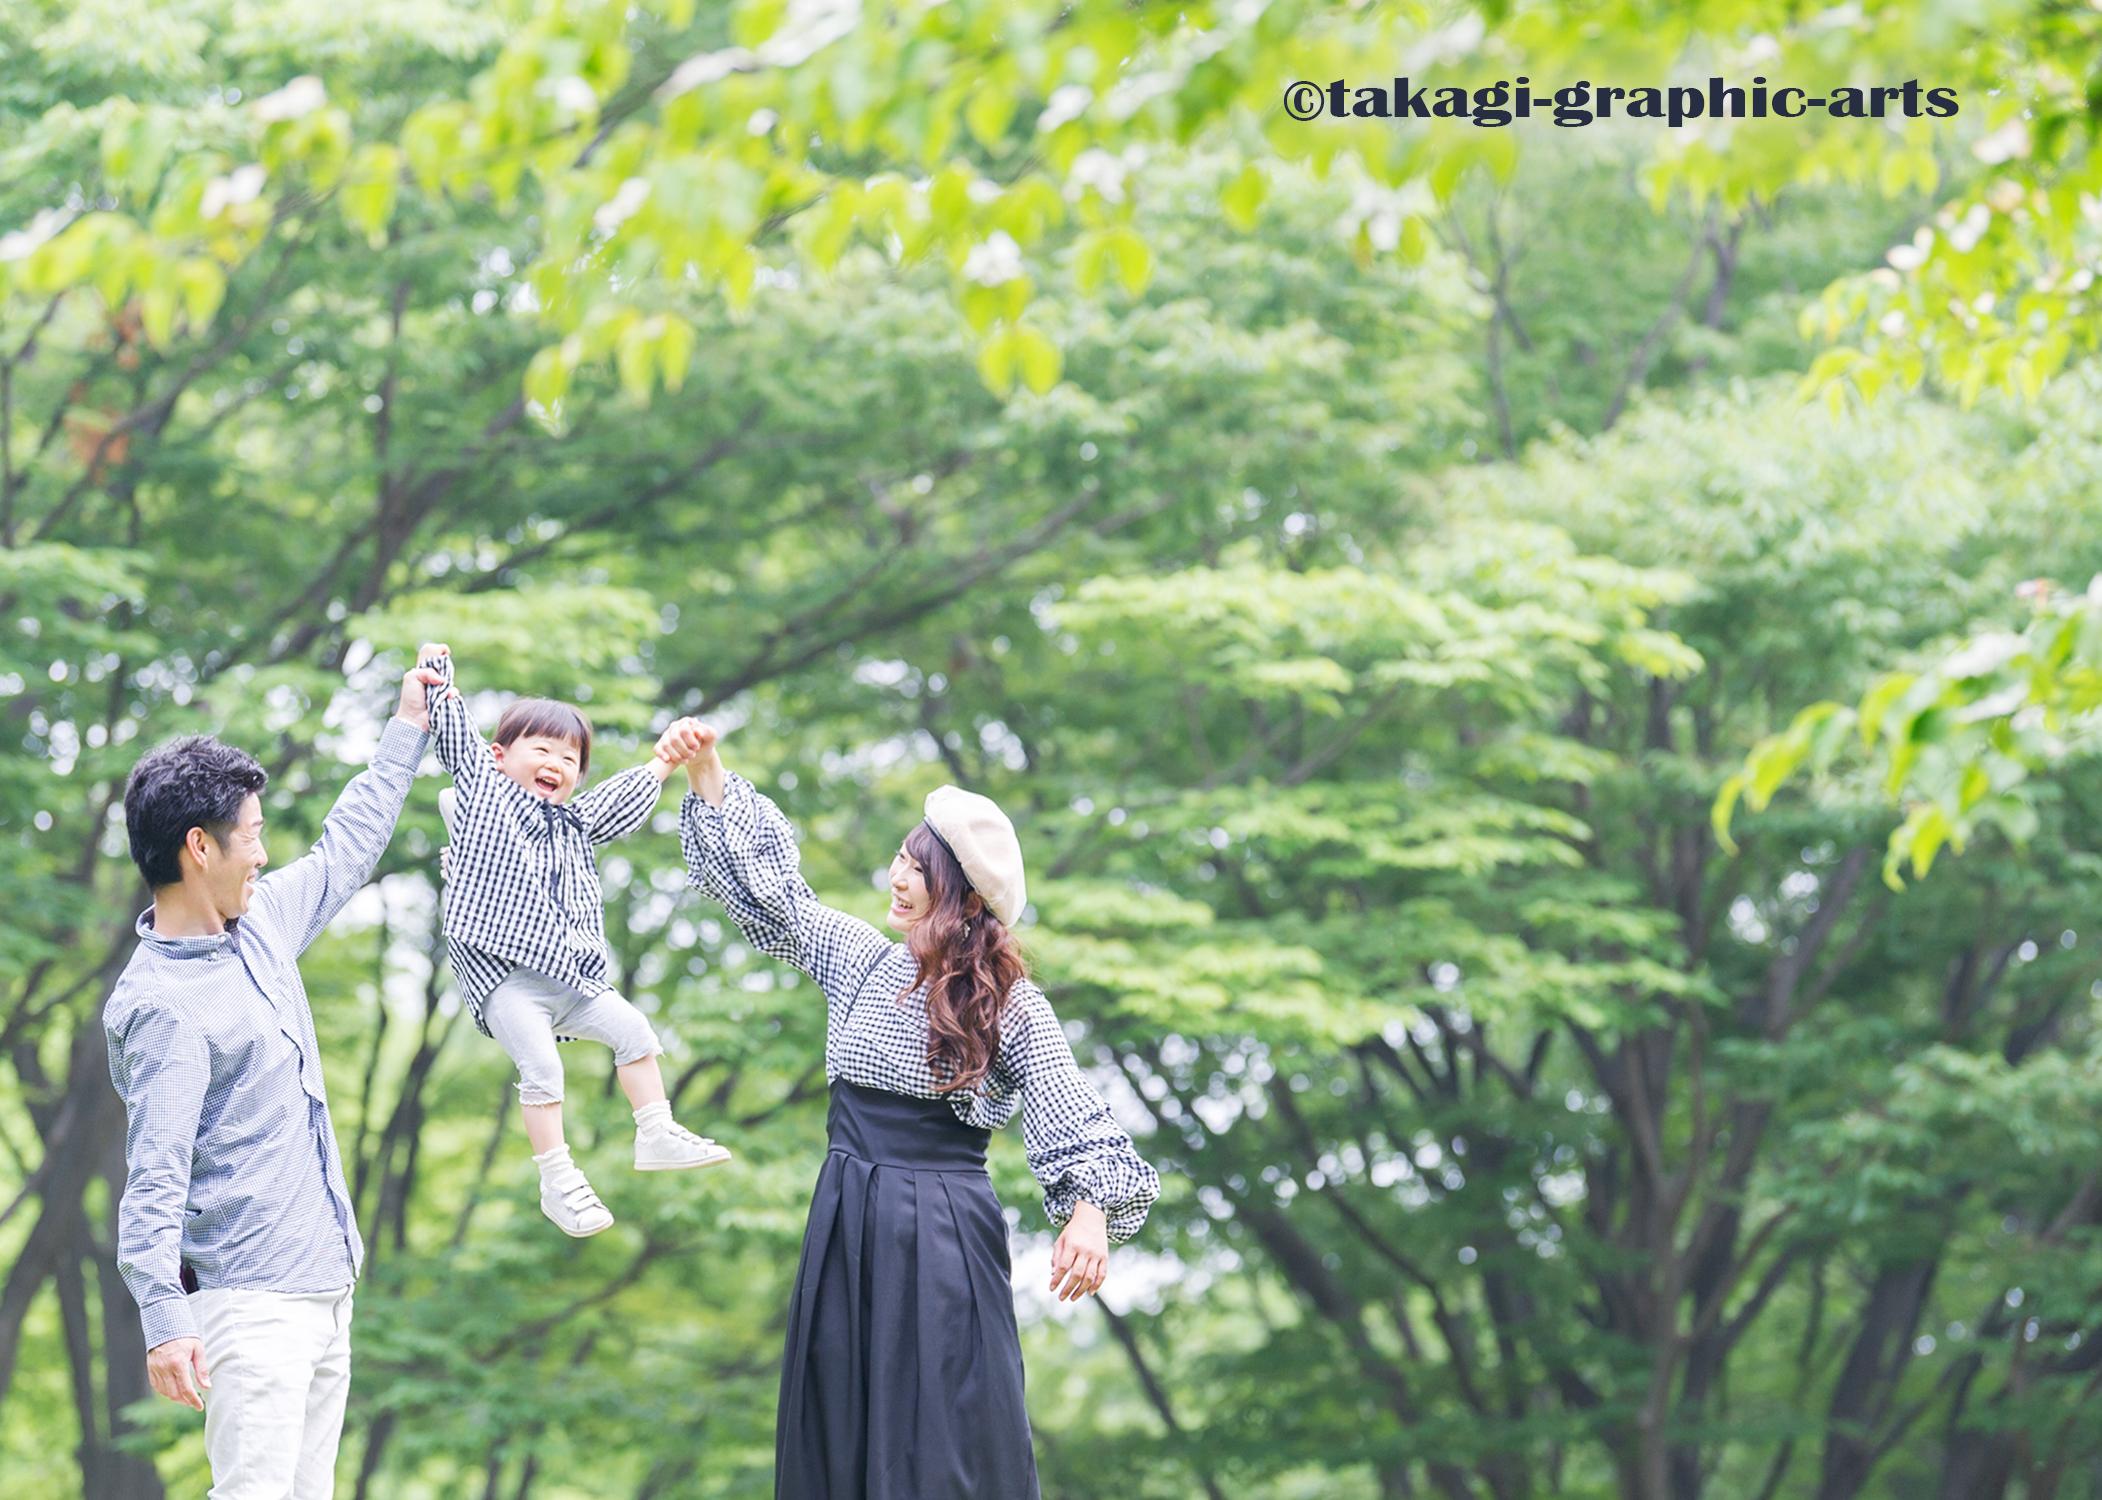 出張撮影/家族写真/2歳誕生日/府中の森公園